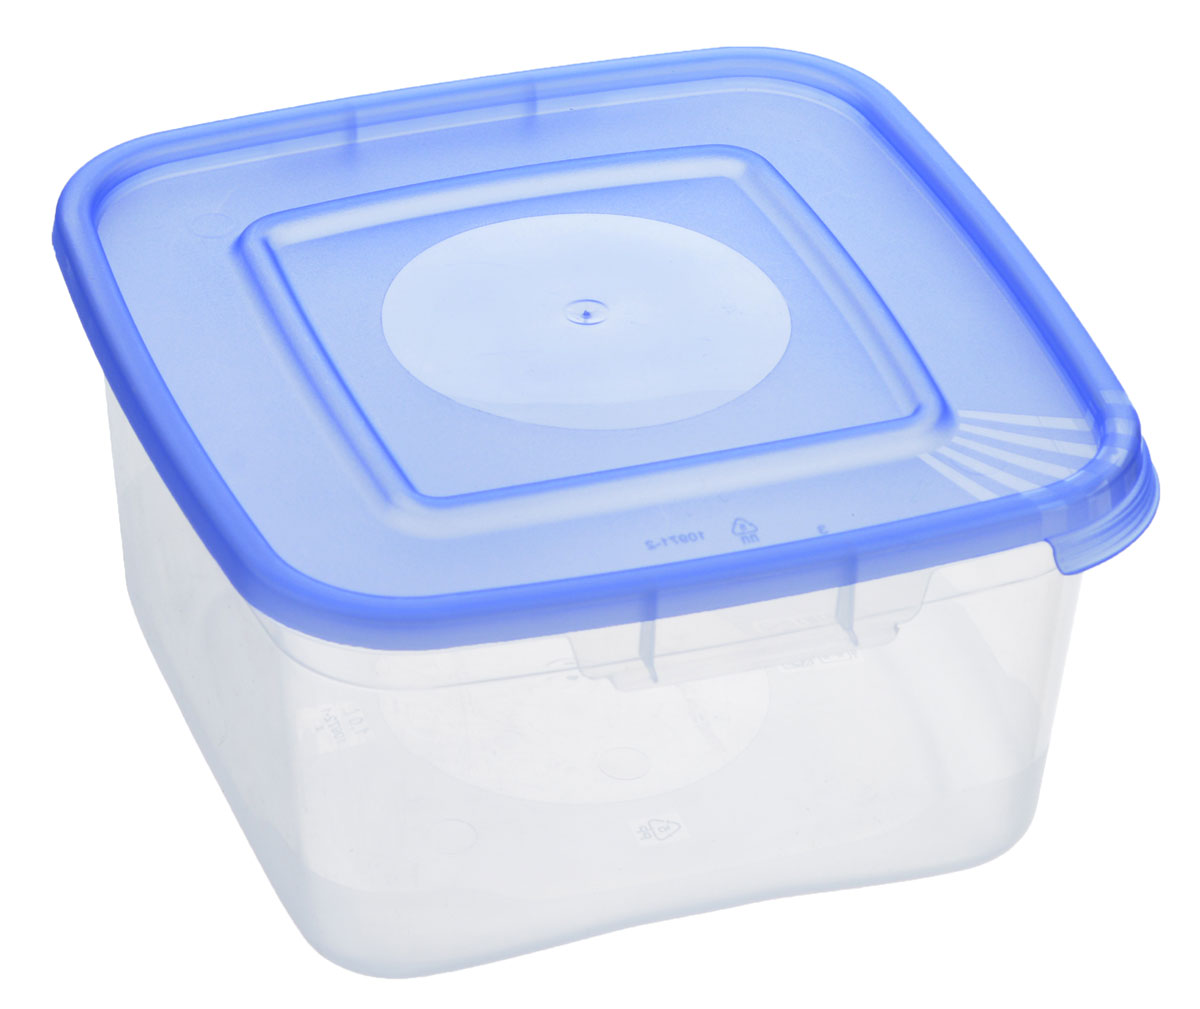 Контейнер Полимербыт Каскад, цвет: прозрачный, голубой, 1 лС670_голубойКонтейнер Полимербыт Каскад квадратной формы, изготовленный из прочного пластика, предназначен специально для хранения пищевых продуктов. Крышка легко открывается и плотно закрывается. Контейнер устойчив к воздействию масел и жиров, легко моется. Прозрачные стенки позволяют видеть содержимое. Контейнер имеет возможность хранения продуктов глубокой заморозки, обладает высокой прочностью.Можно мыть в посудомоечной машине. Подходит для использования в микроволновых печах.